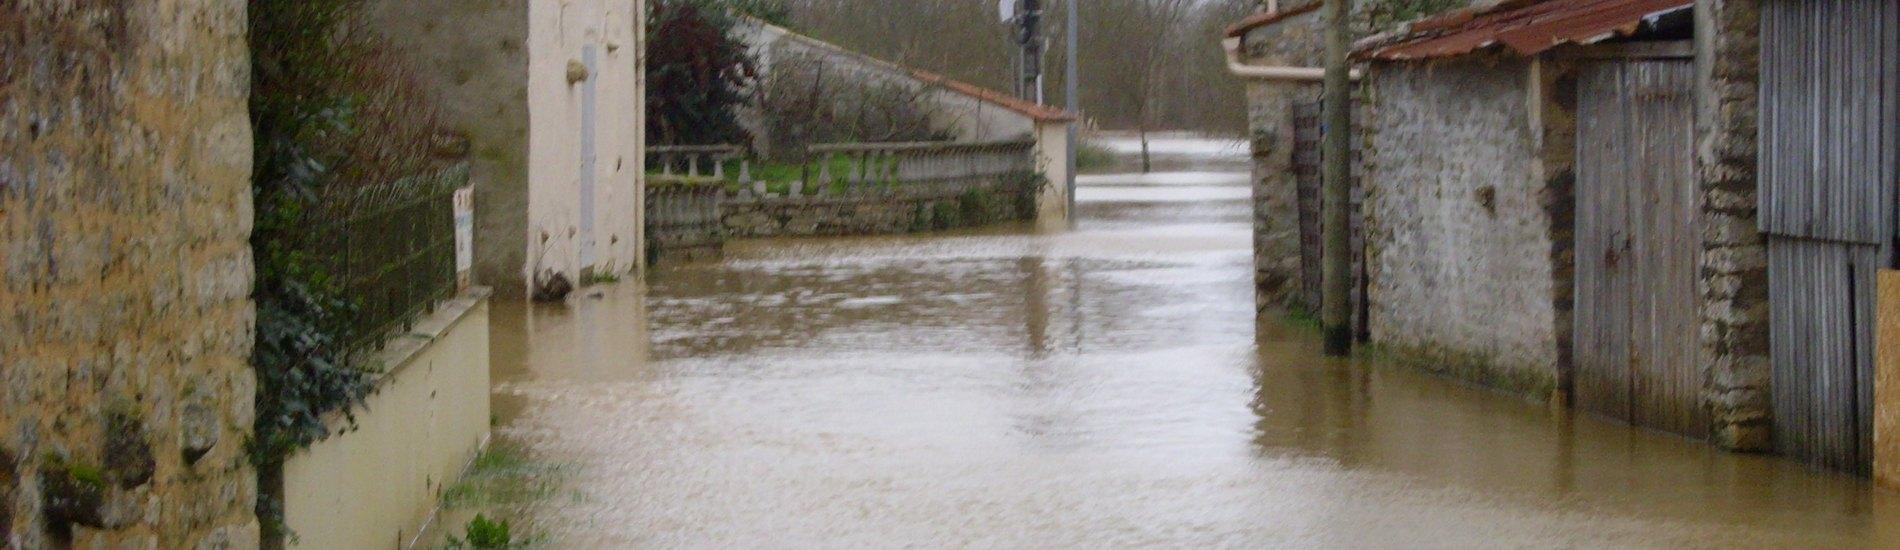 Prévention inondations submersion